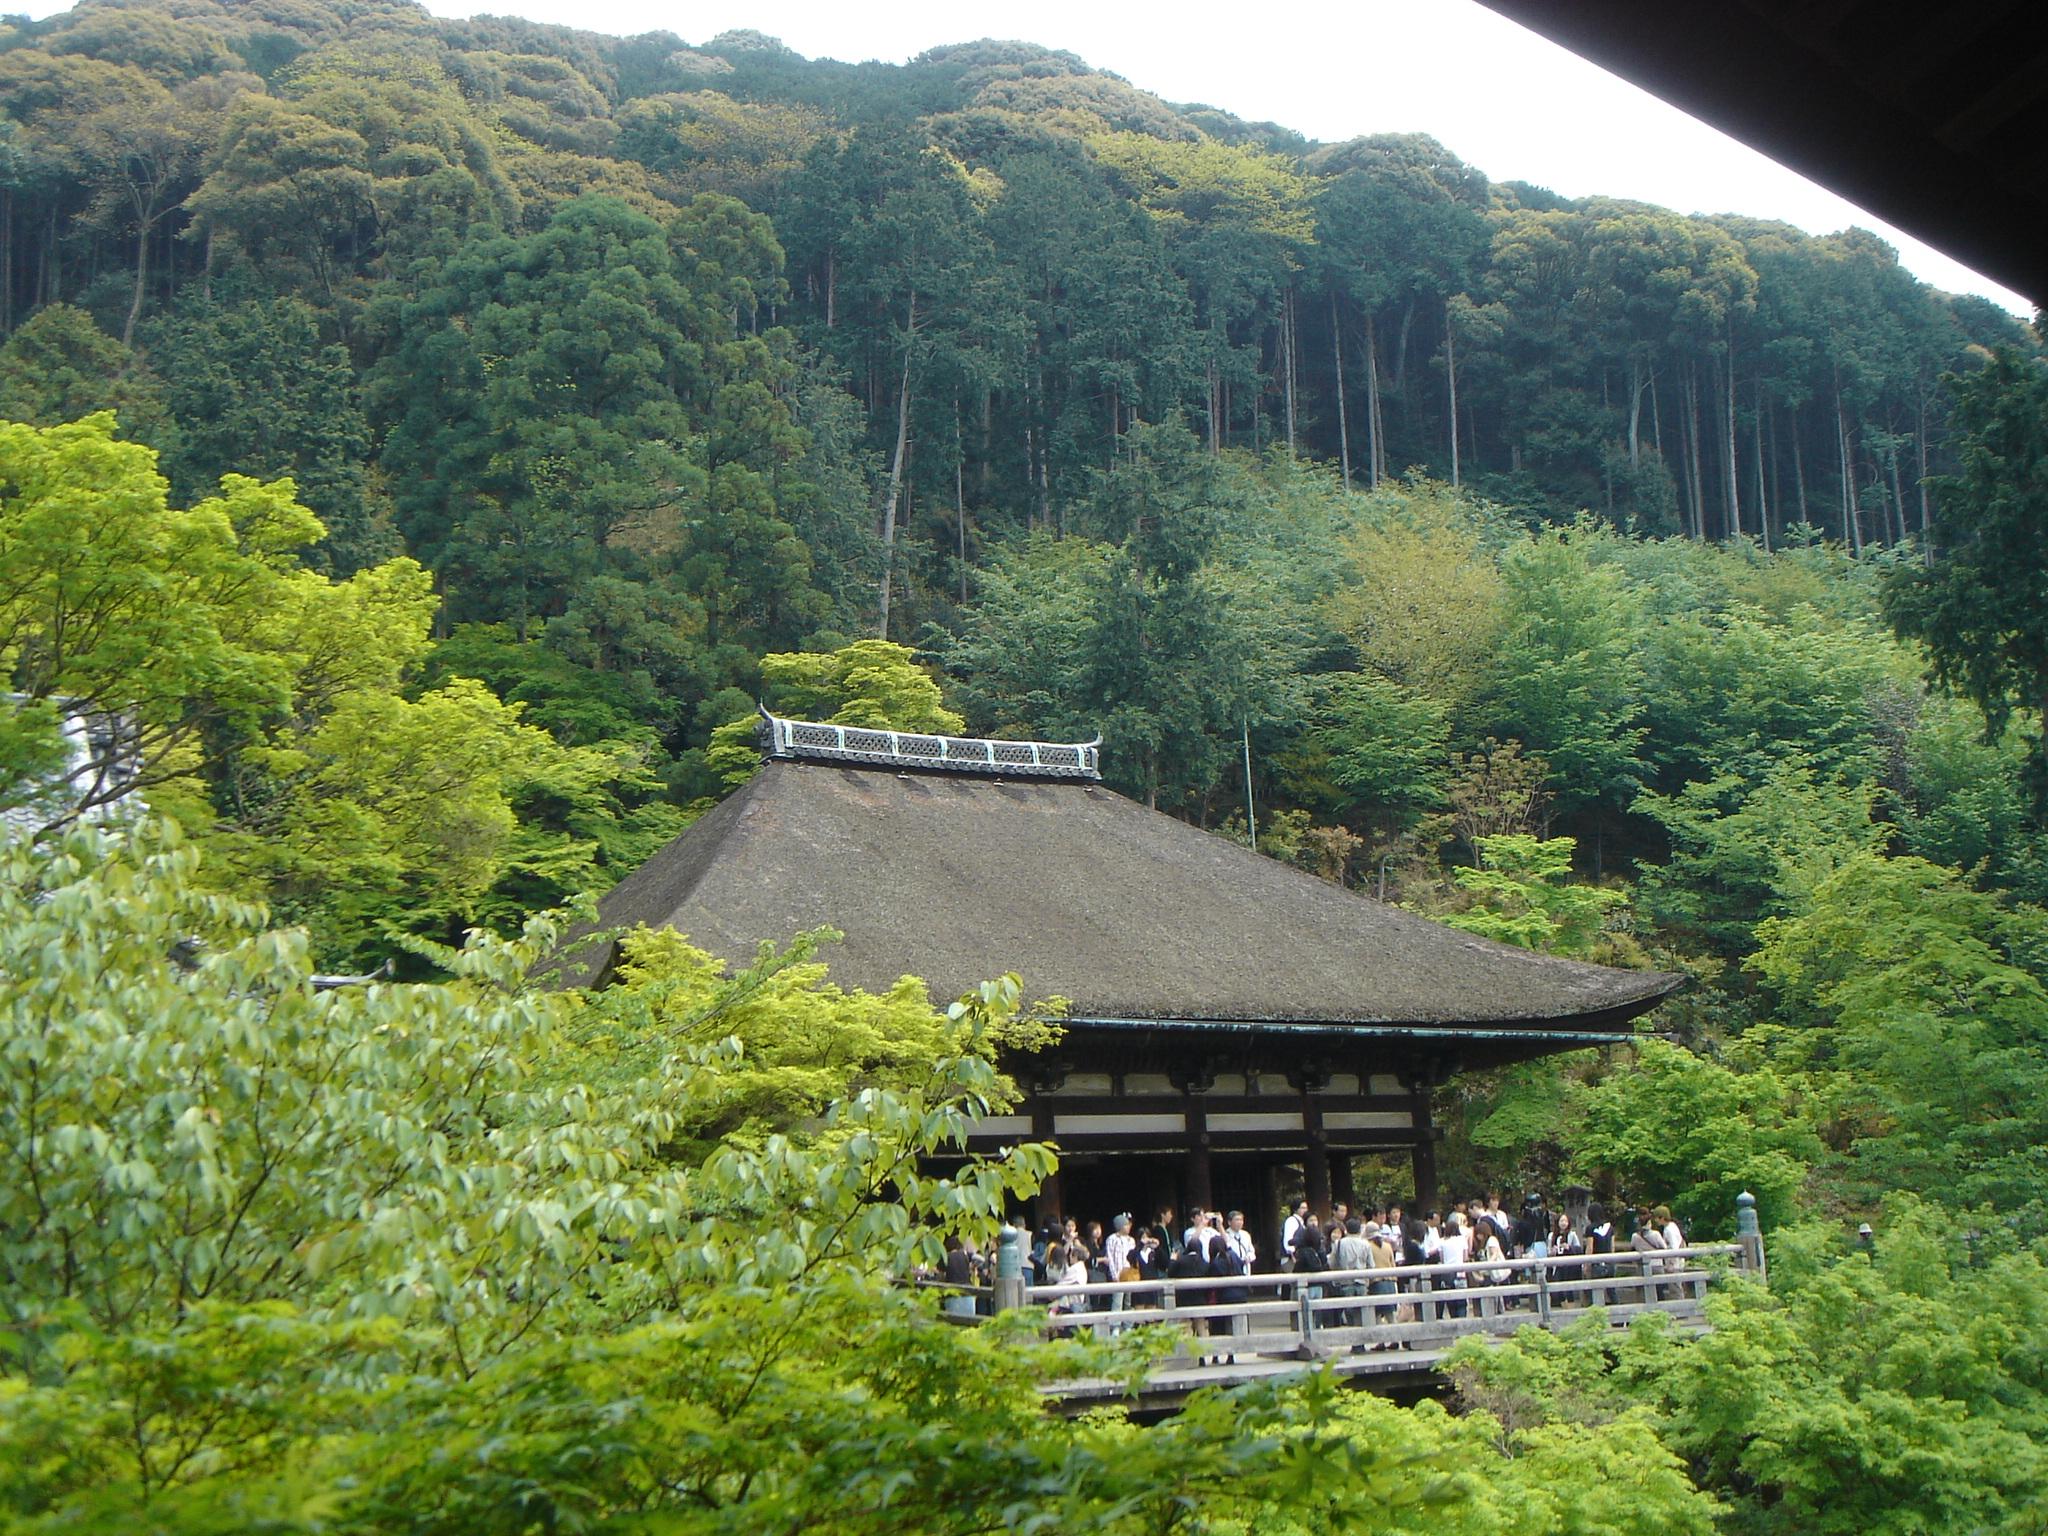 京都夏日風物詩八天七夜遊之三:清水寺